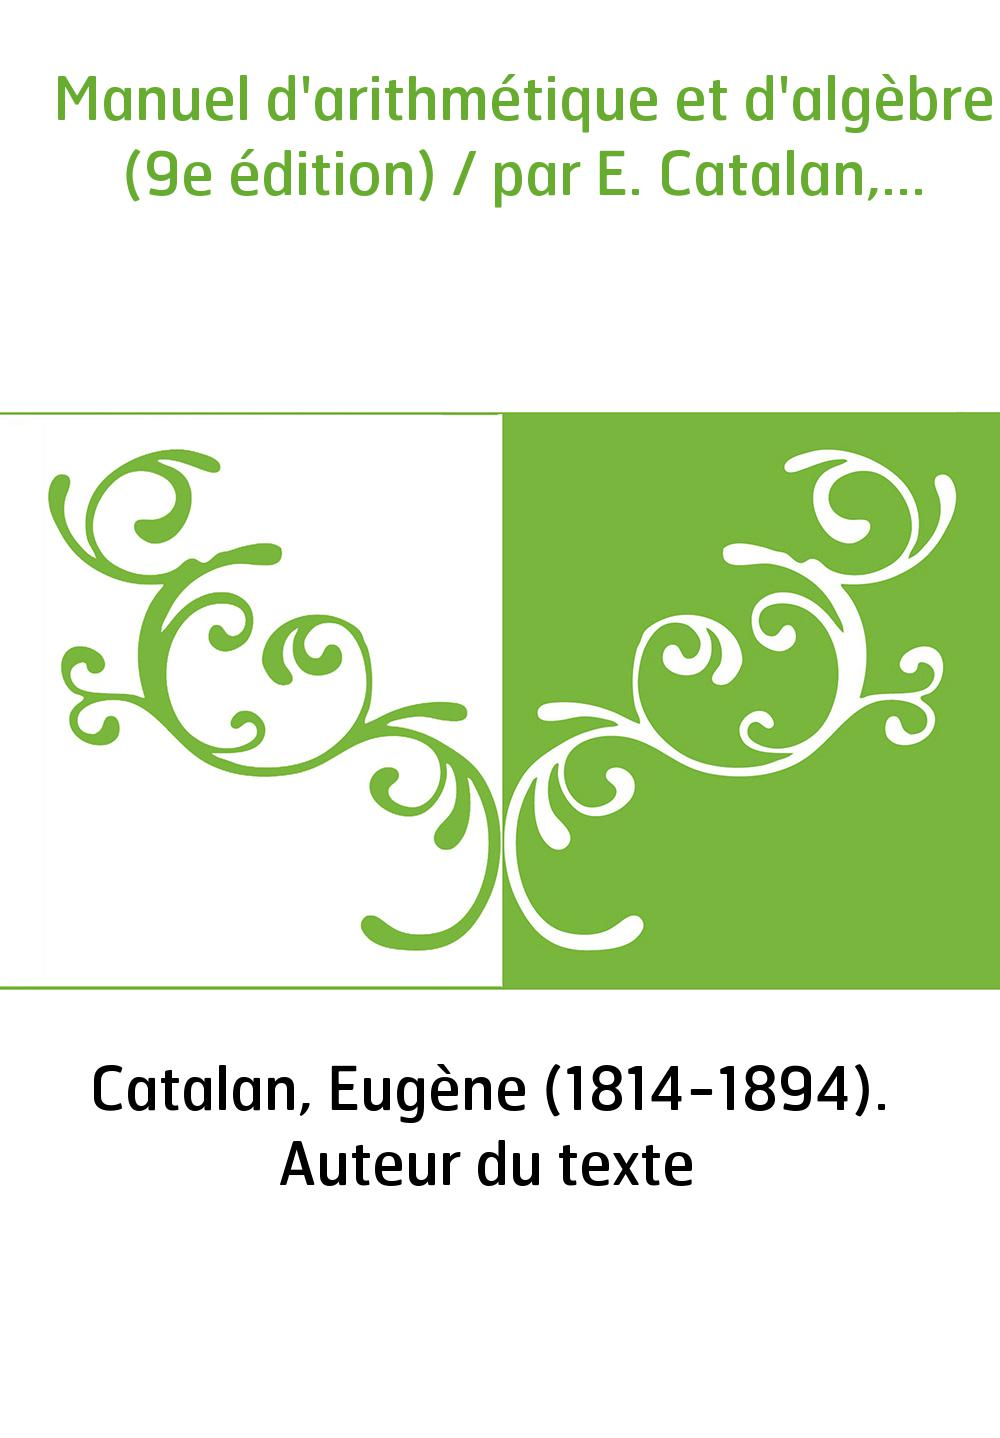 Manuel d'arithmétique et d'algèbre (9e édition) / par E. Catalan,...